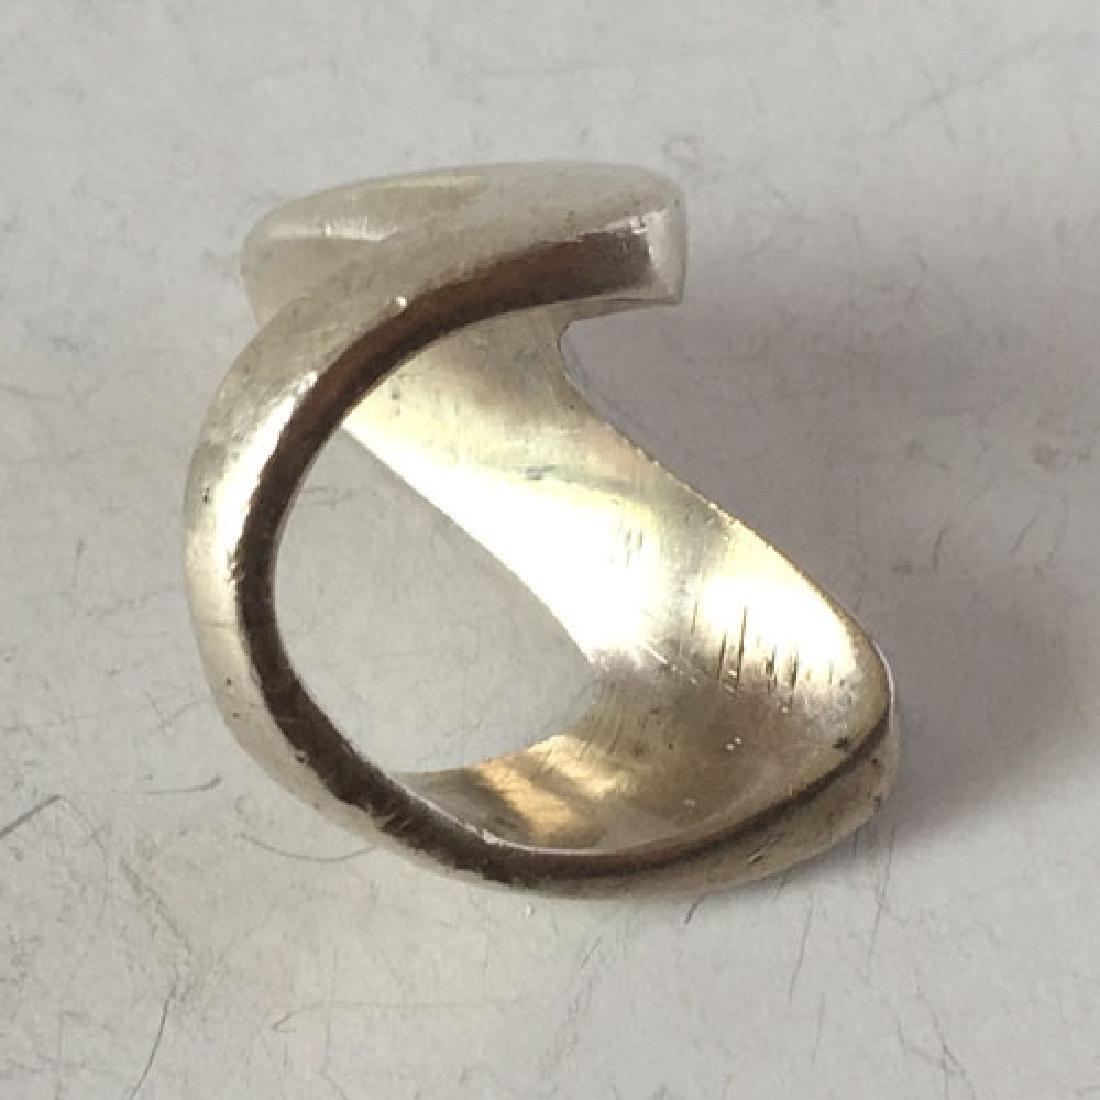 Vintage sterling silver V shape ring, size 6 - 2